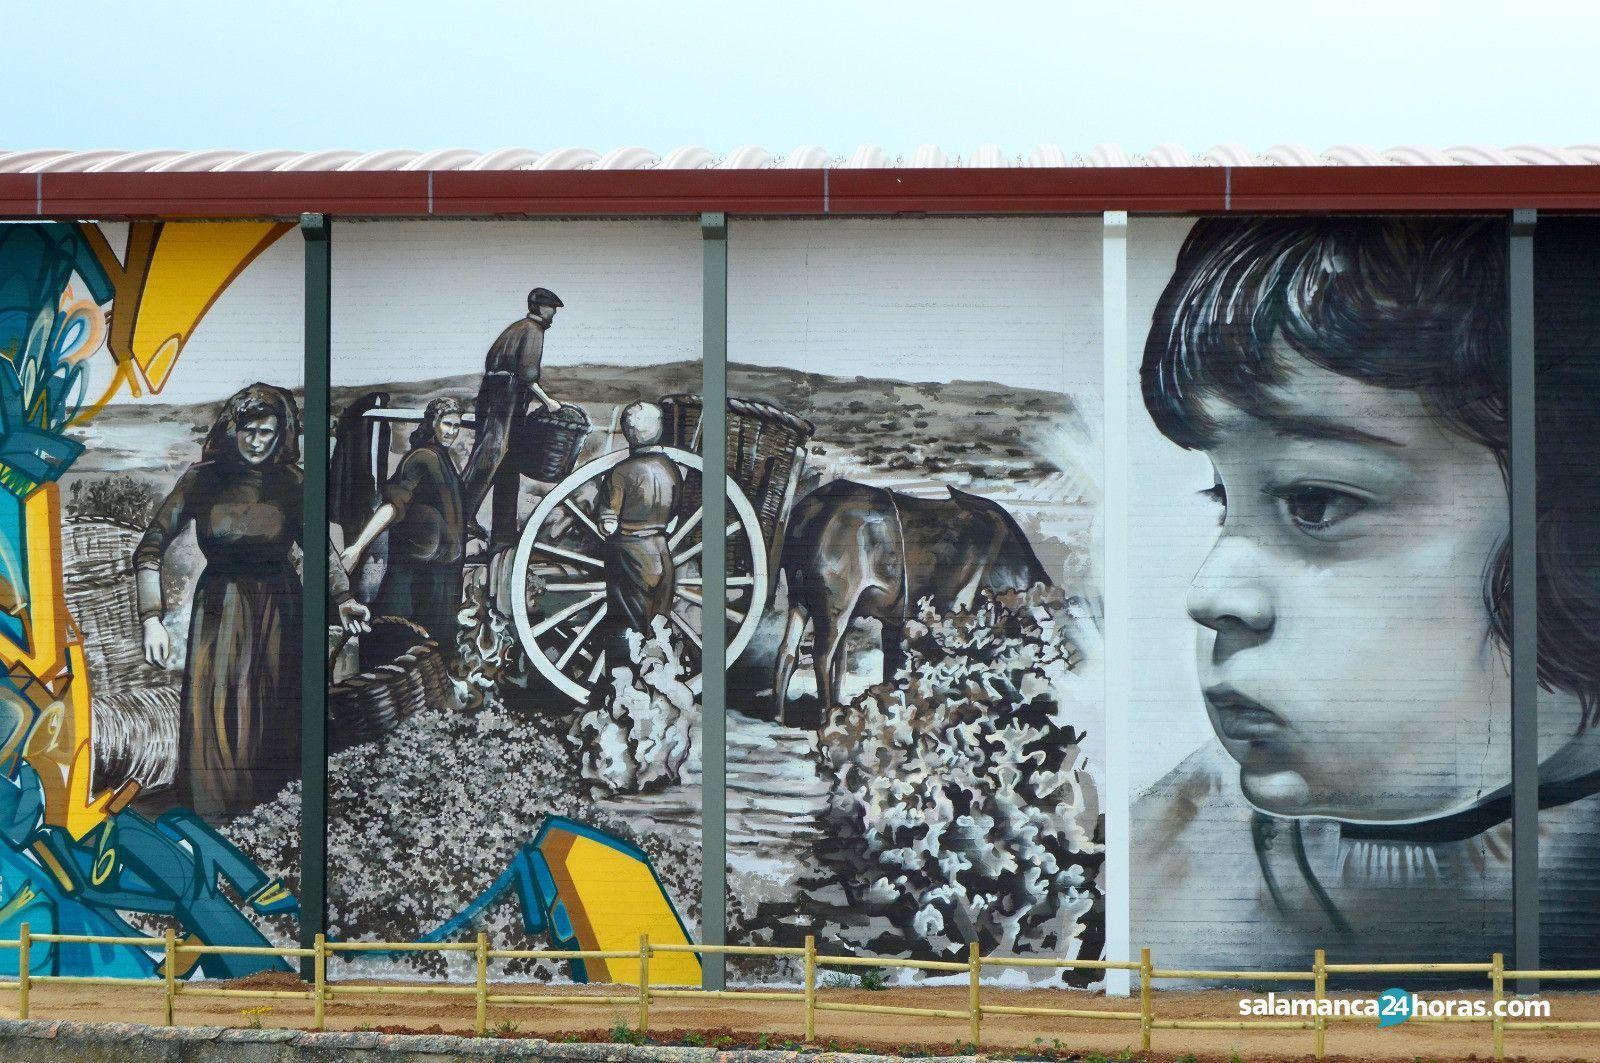 Castellanos de villiquera arte urbano.4